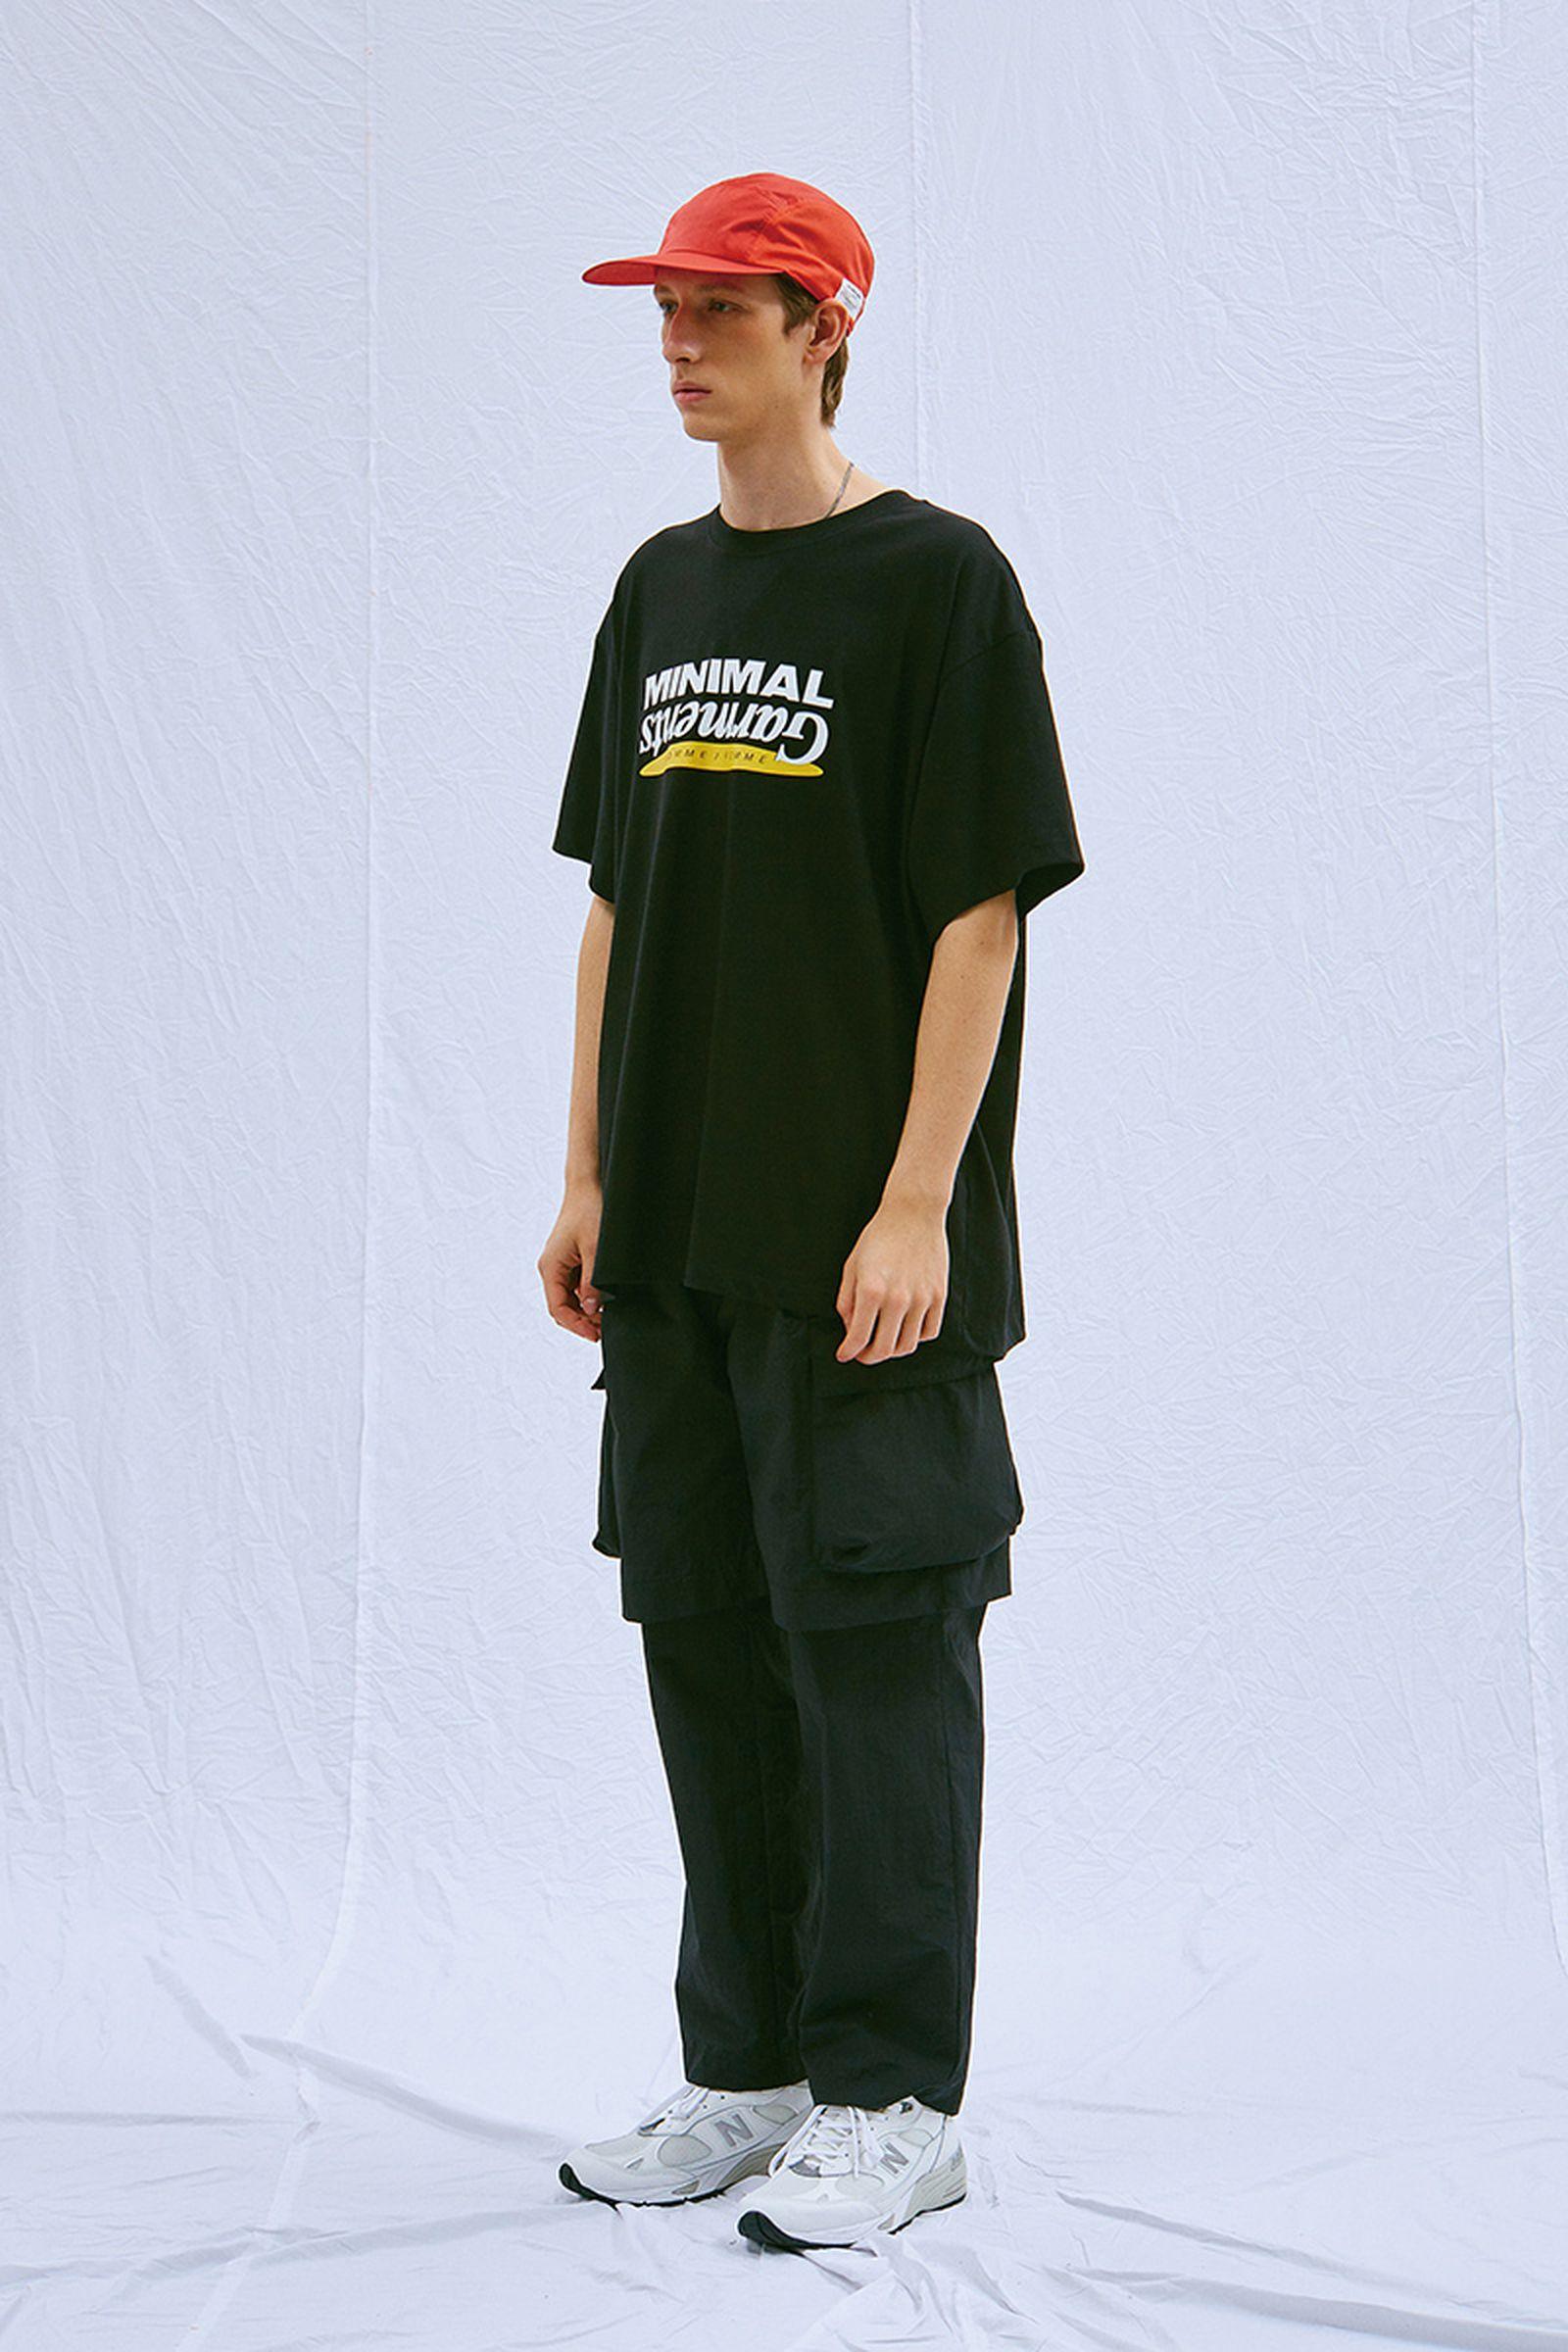 2liful minimal garments ss19 lookbook